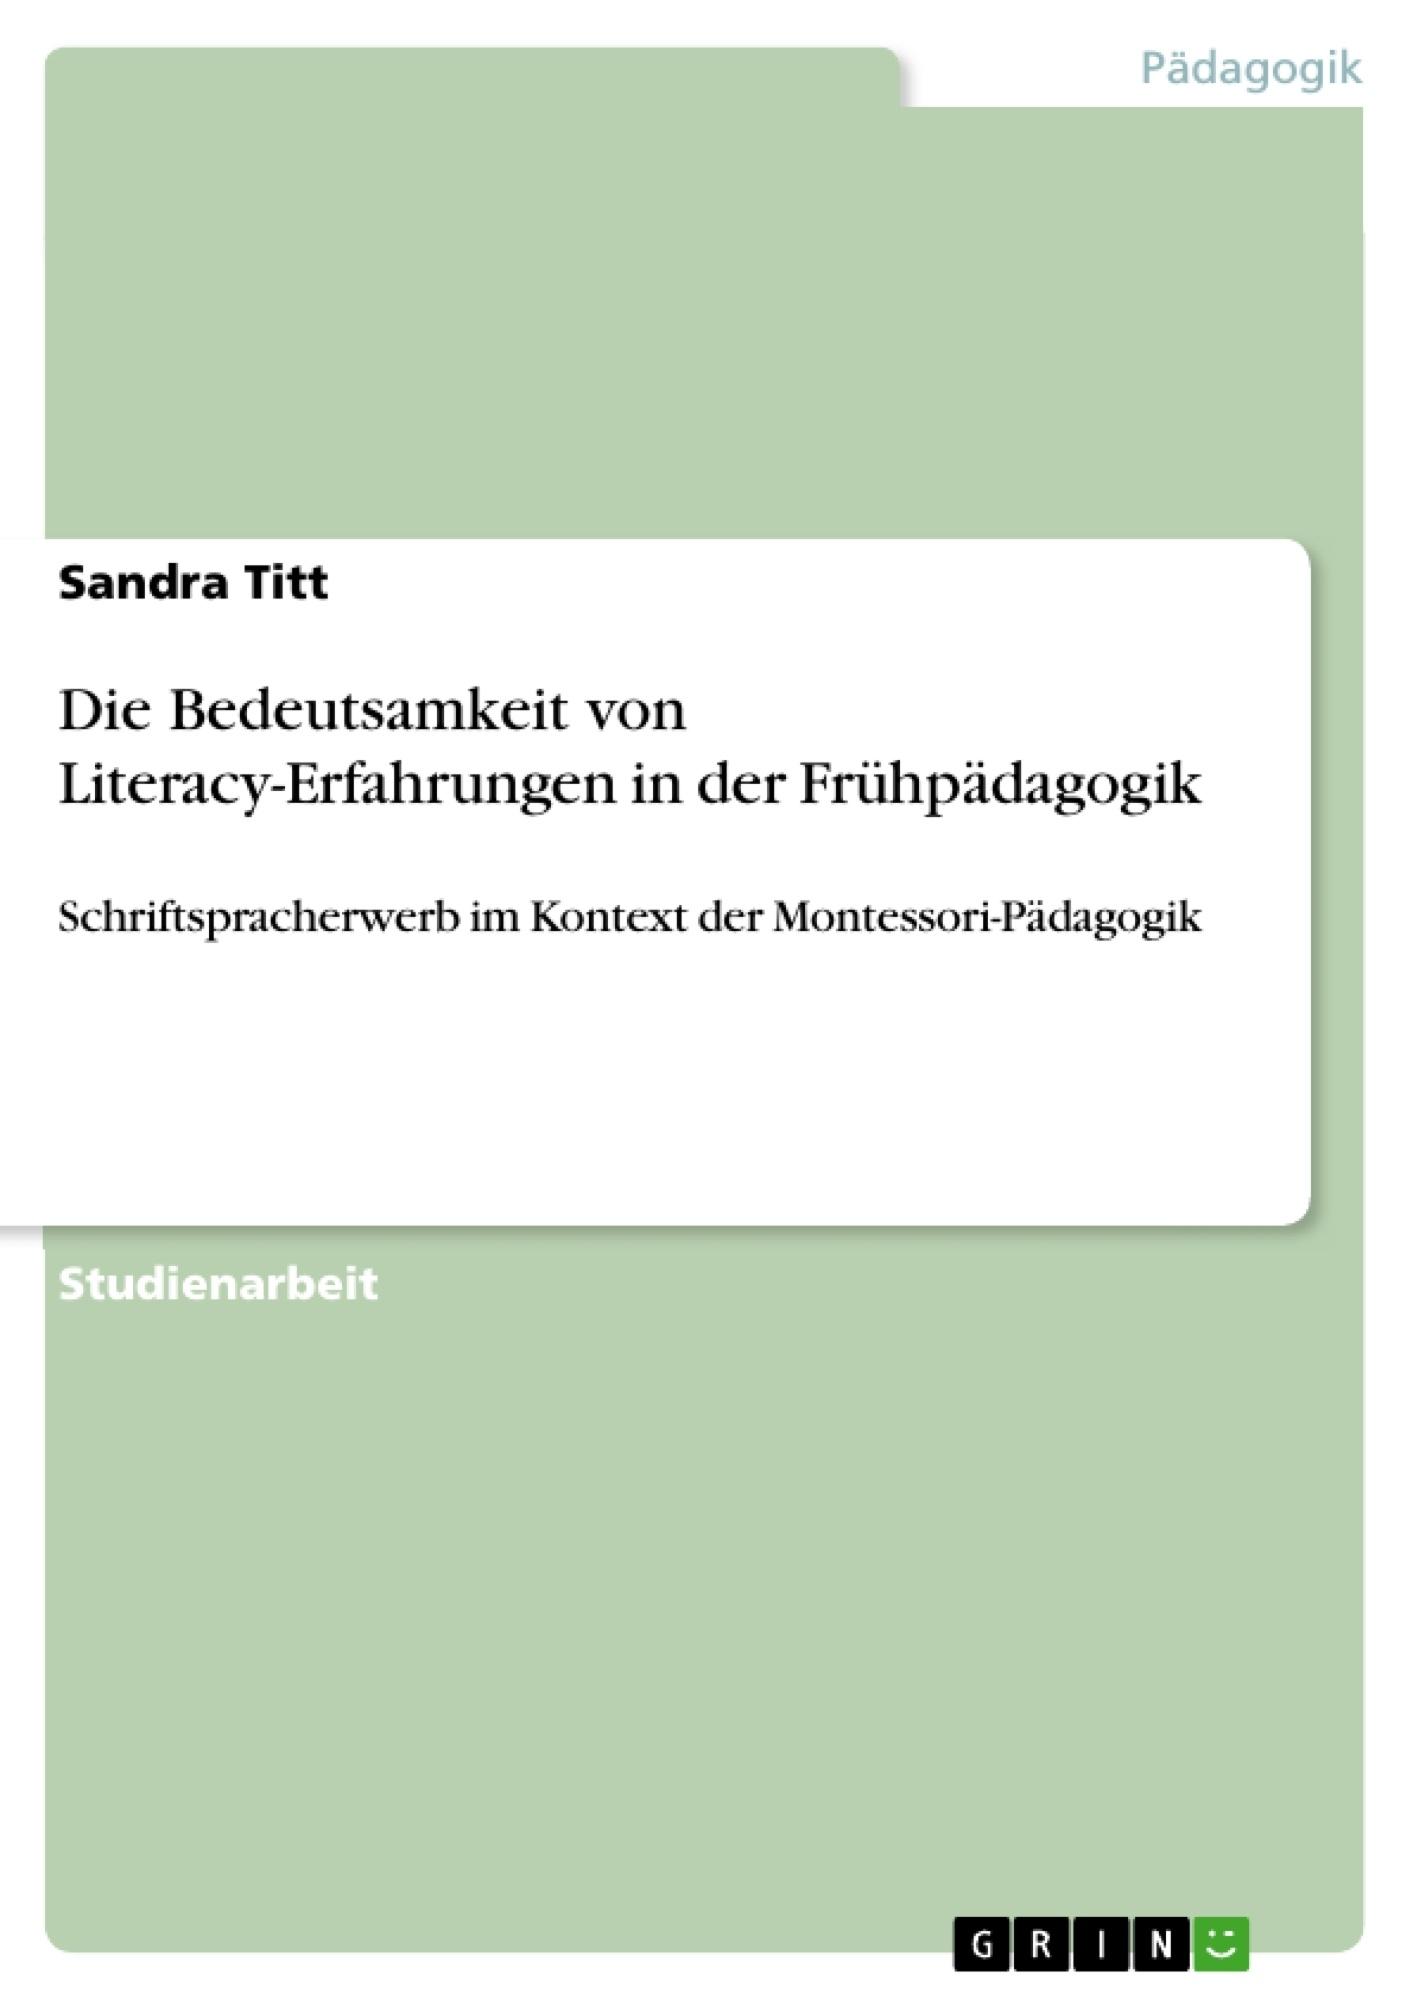 Titel: Die Bedeutsamkeit von Literacy-Erfahrungen in der Frühpädagogik